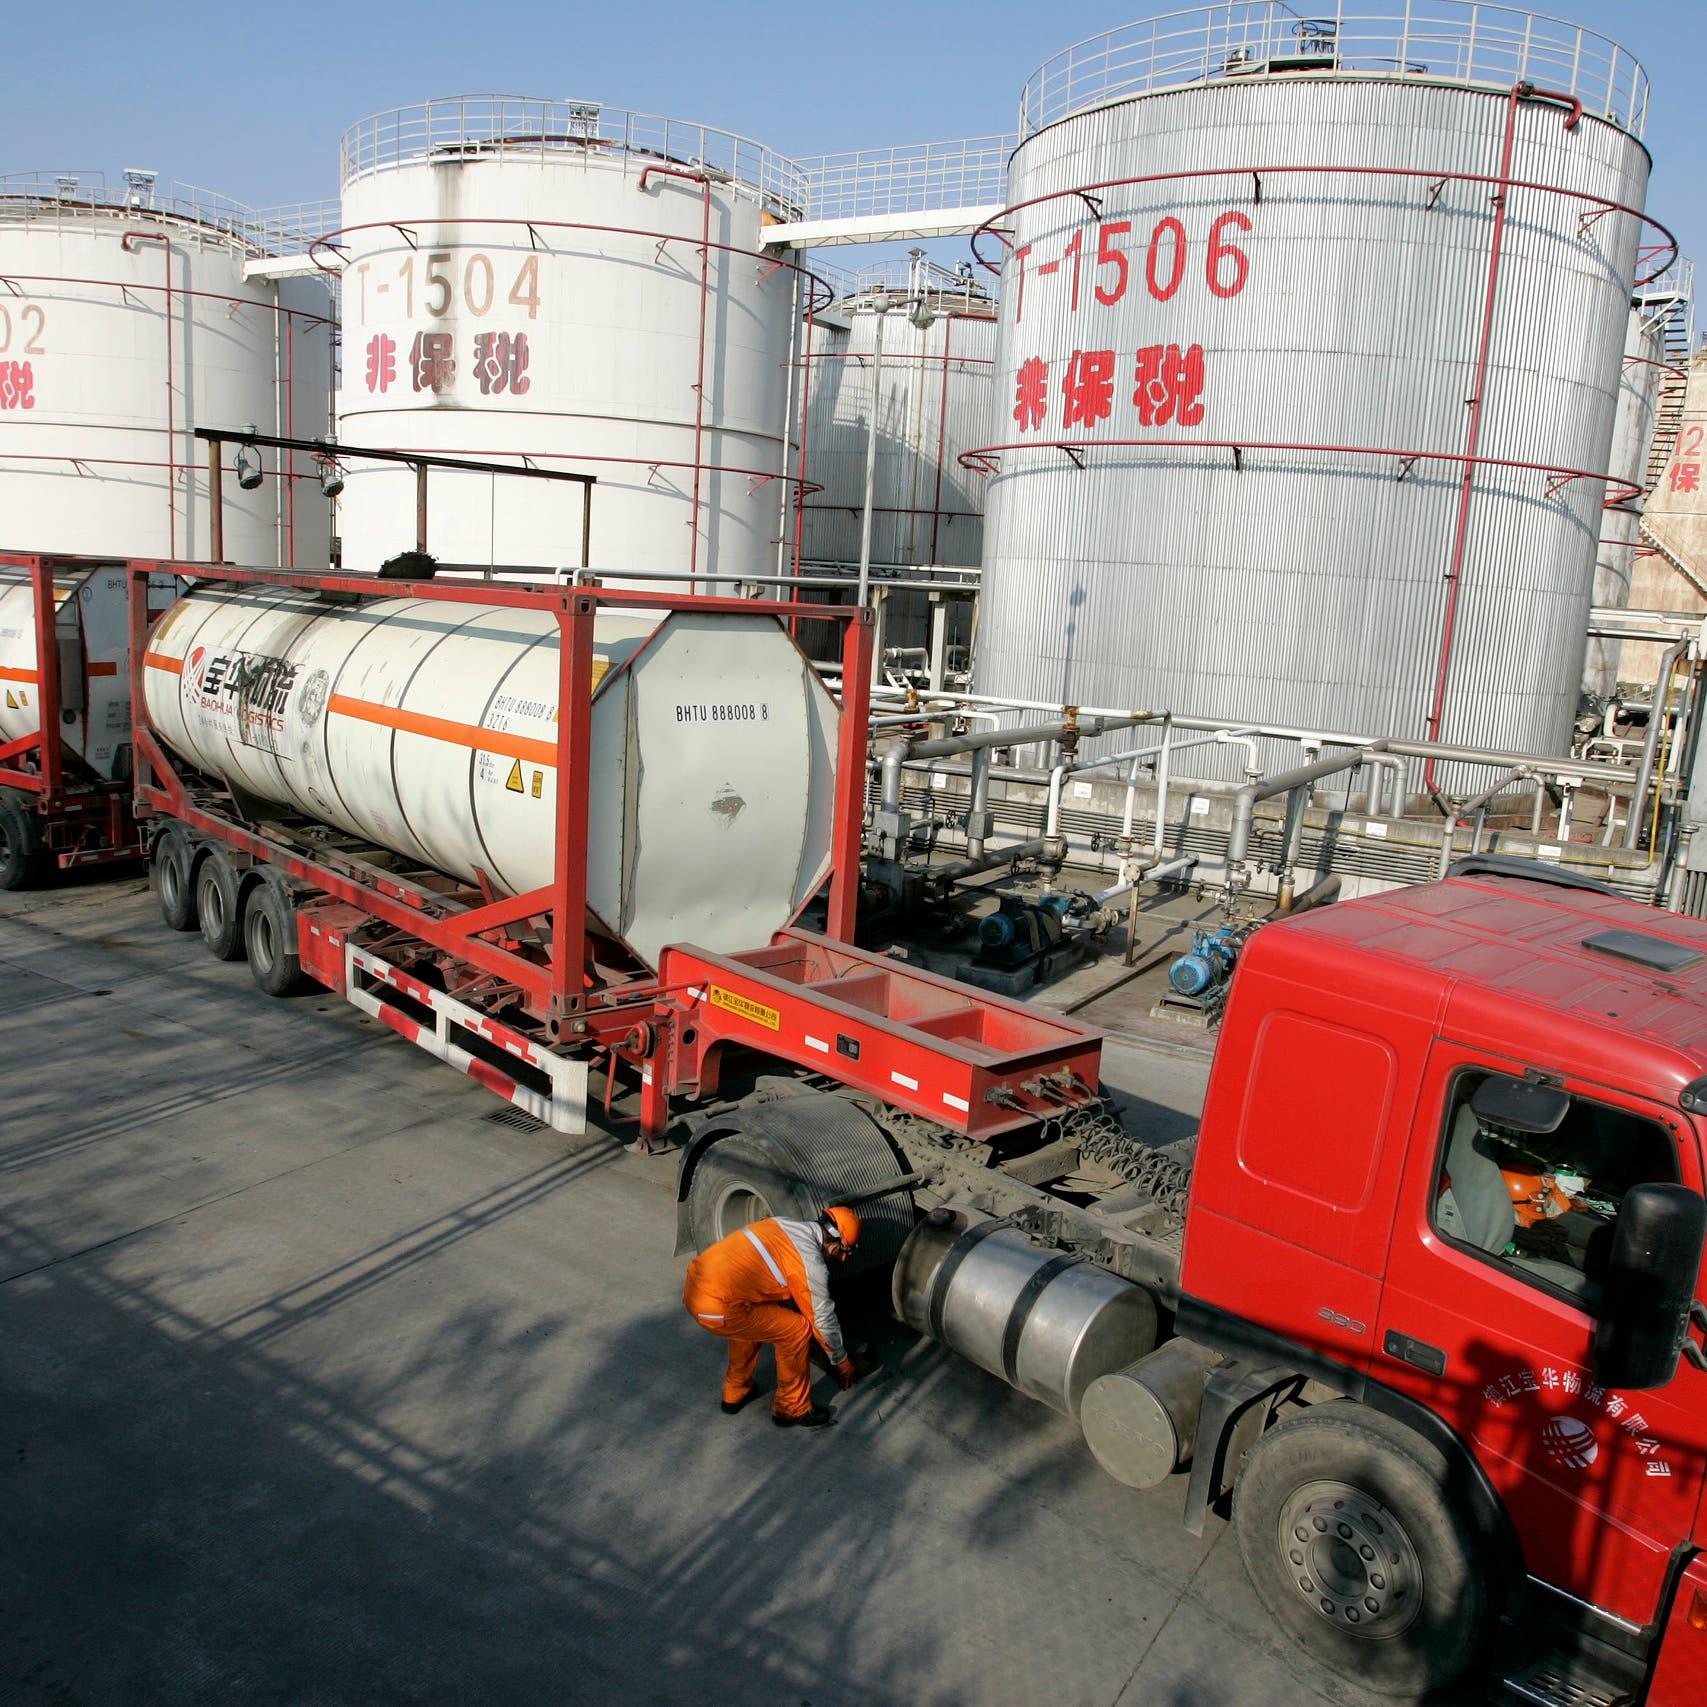 في تحرك غير مسبوق.. الصين تلجأ لاحتياطيات النفط لتهدئة الأسعار